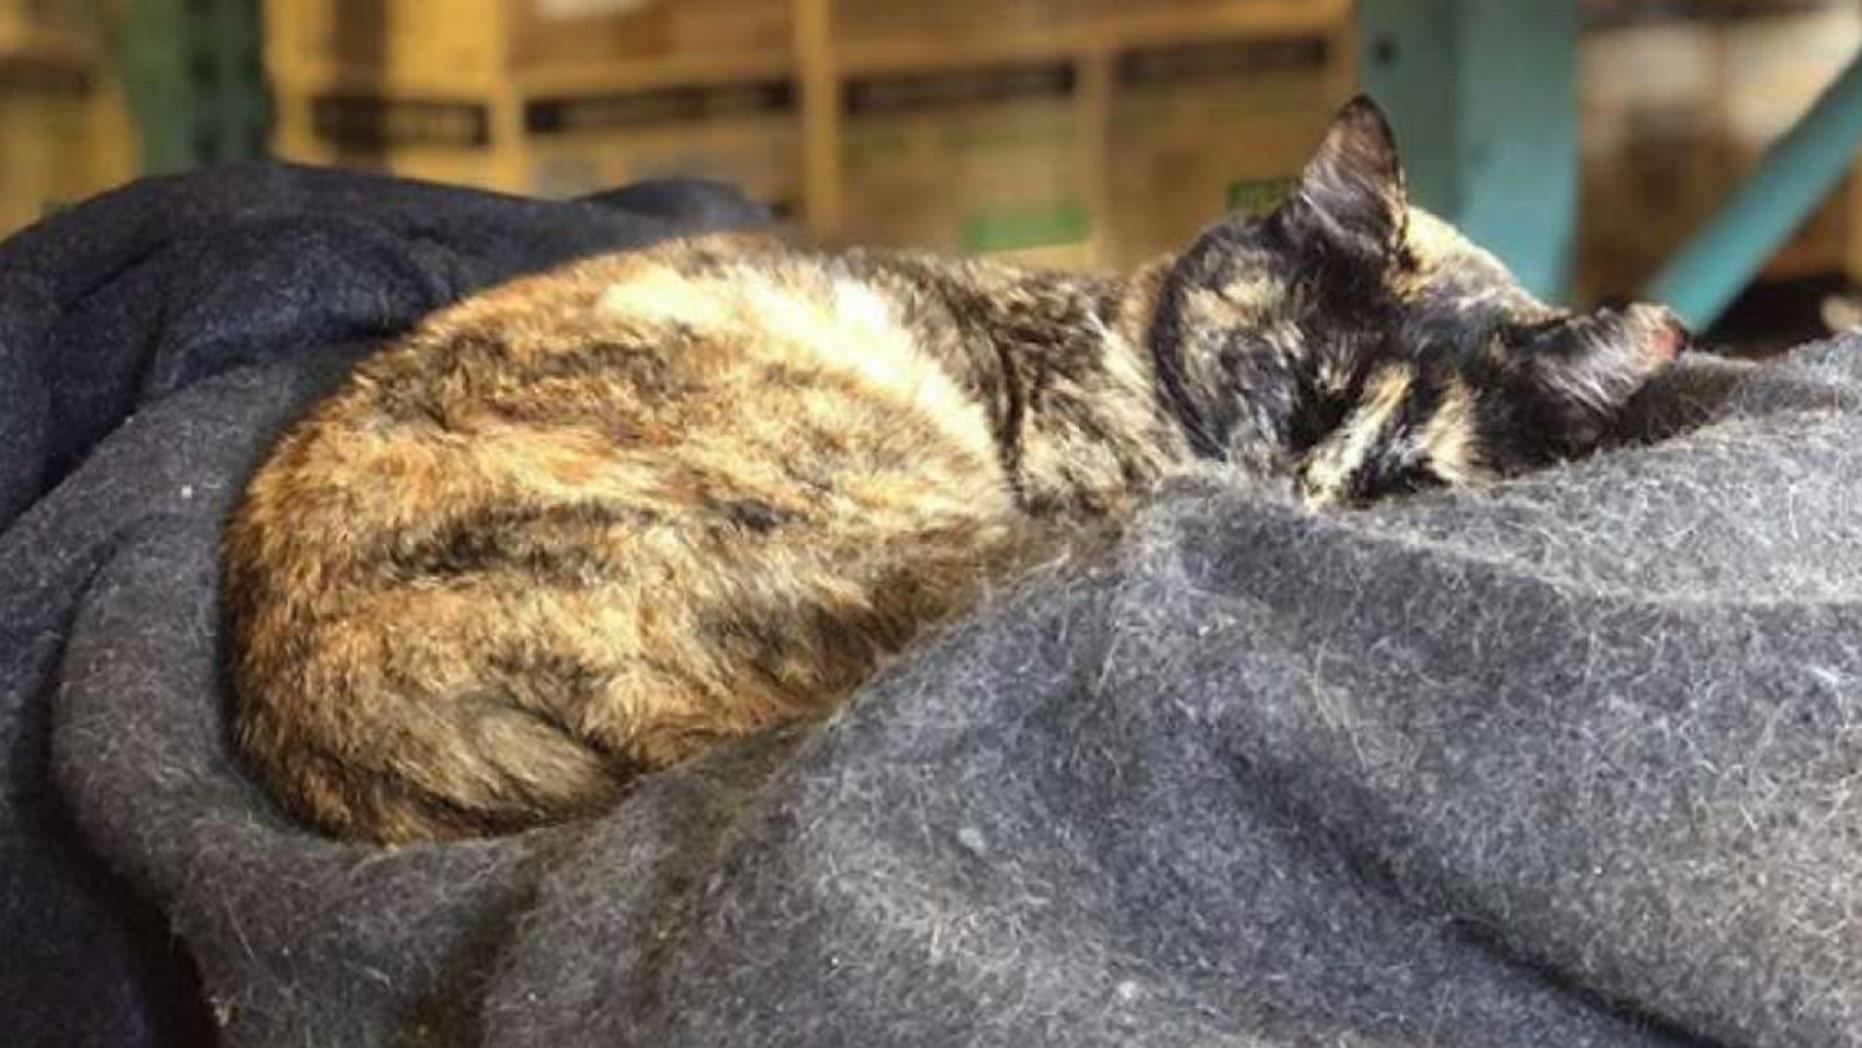 彼女が医療機器の周りにいることについての匿名の苦情を受けた後、猫、エドナはサンフランシスコ消防署のステーション49から追い出されました。